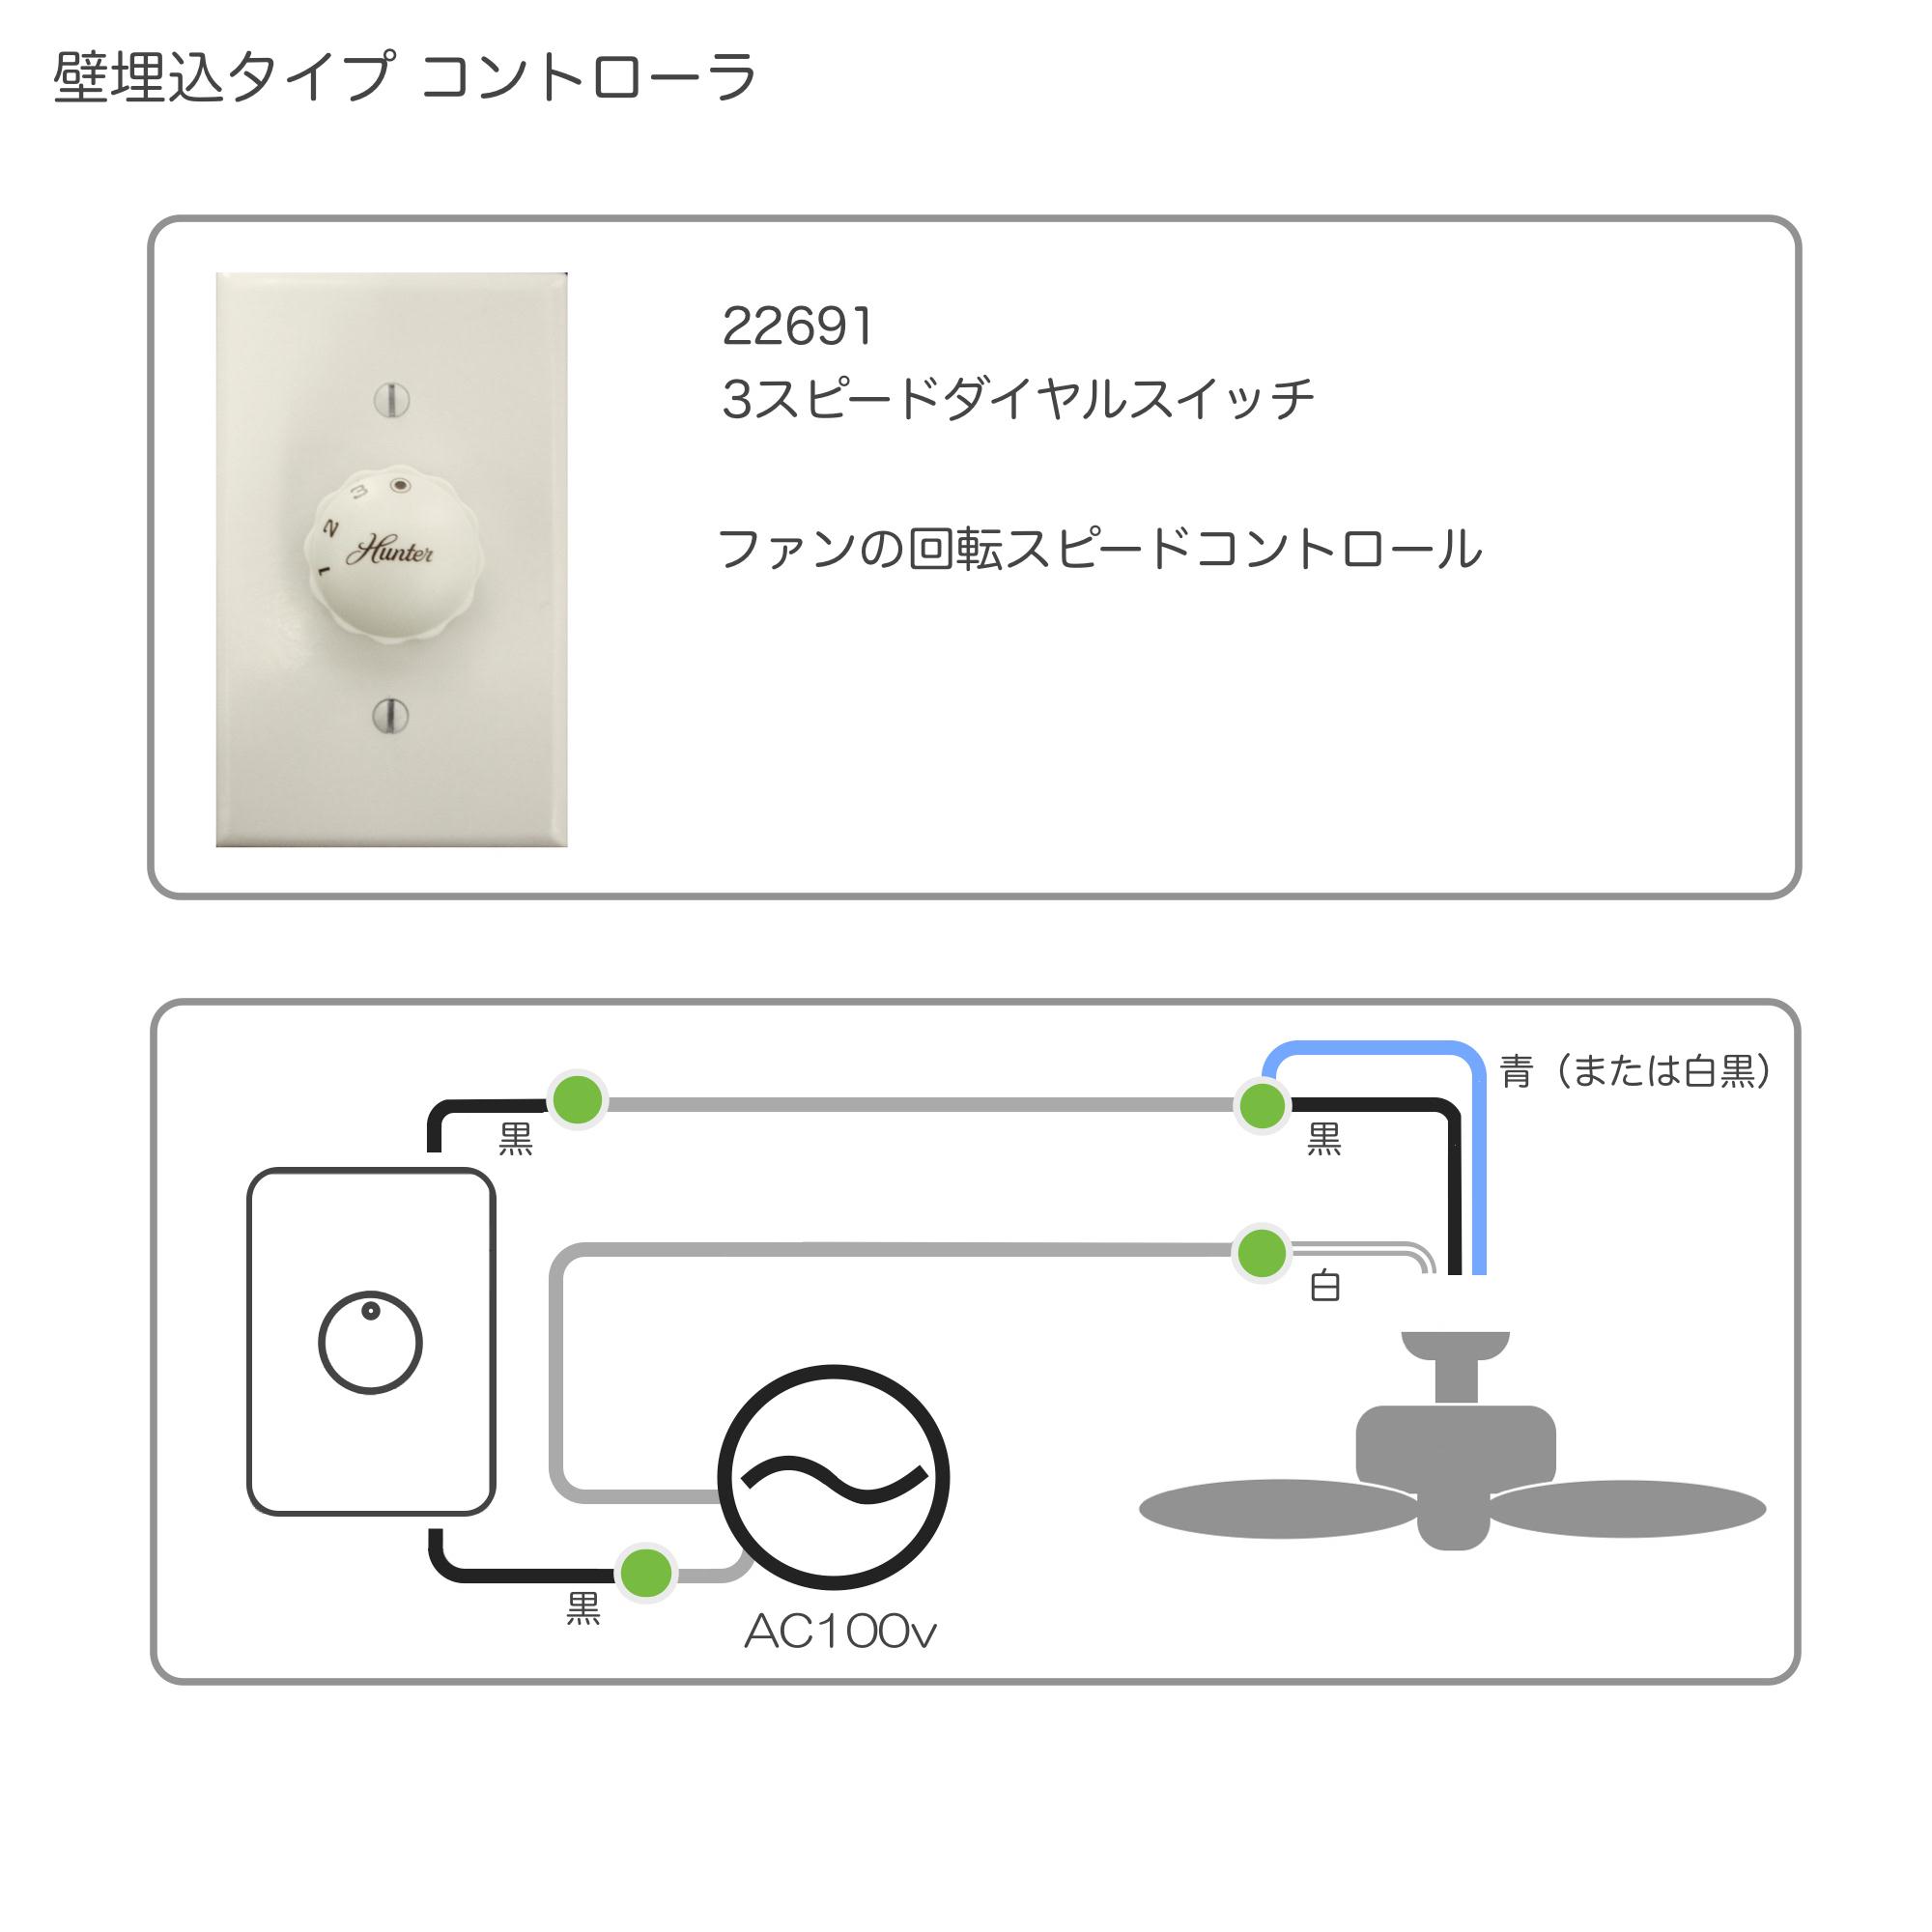 3スピード ダイヤル スイッチ ( 回転スピード切替専用)     - 画像1